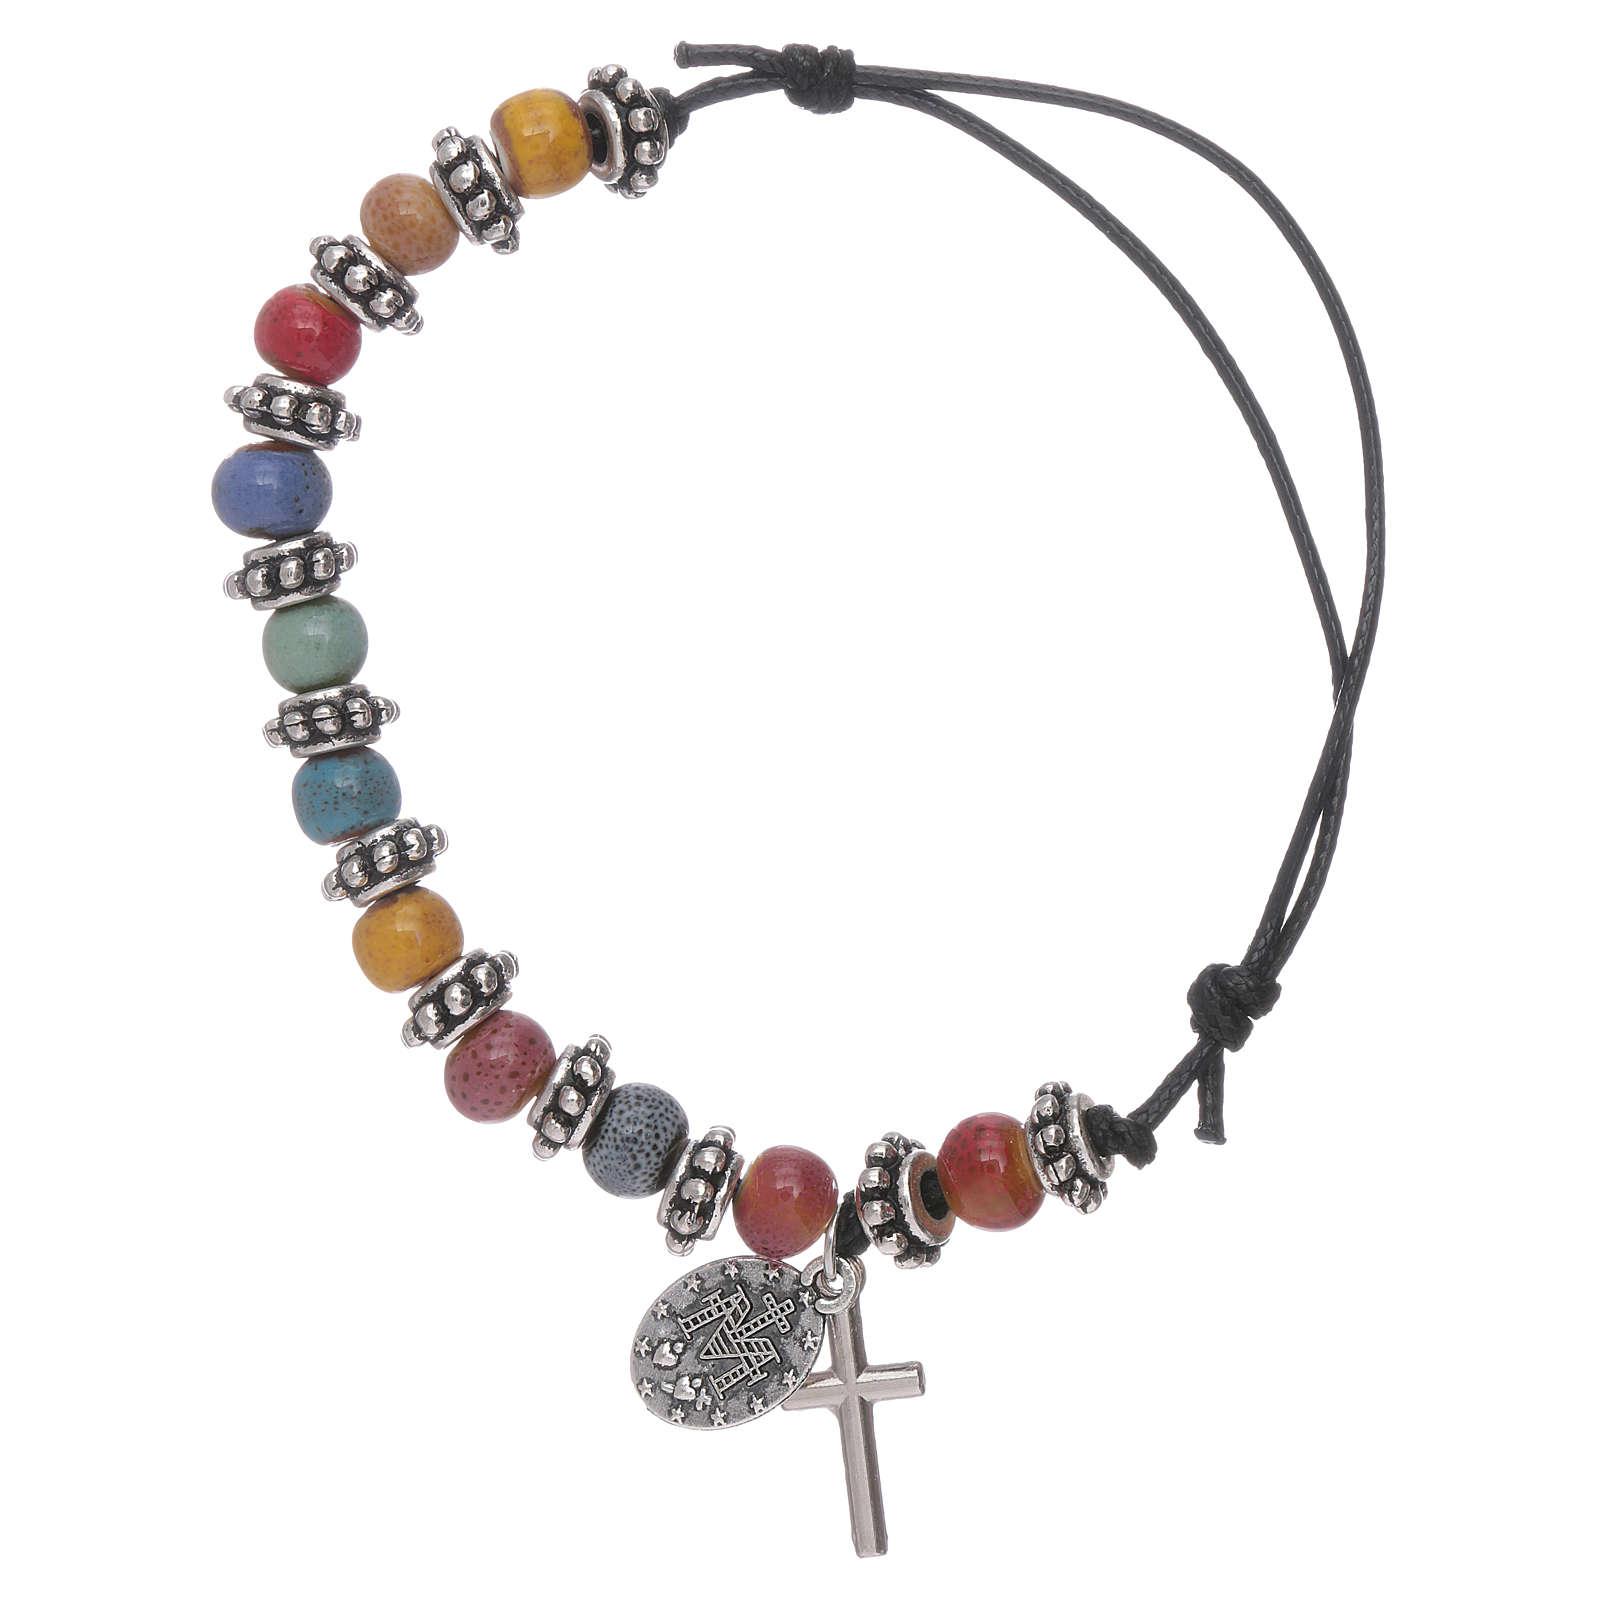 Bracelet grains verre multicolore 7x5 mm et métal corde noire 4